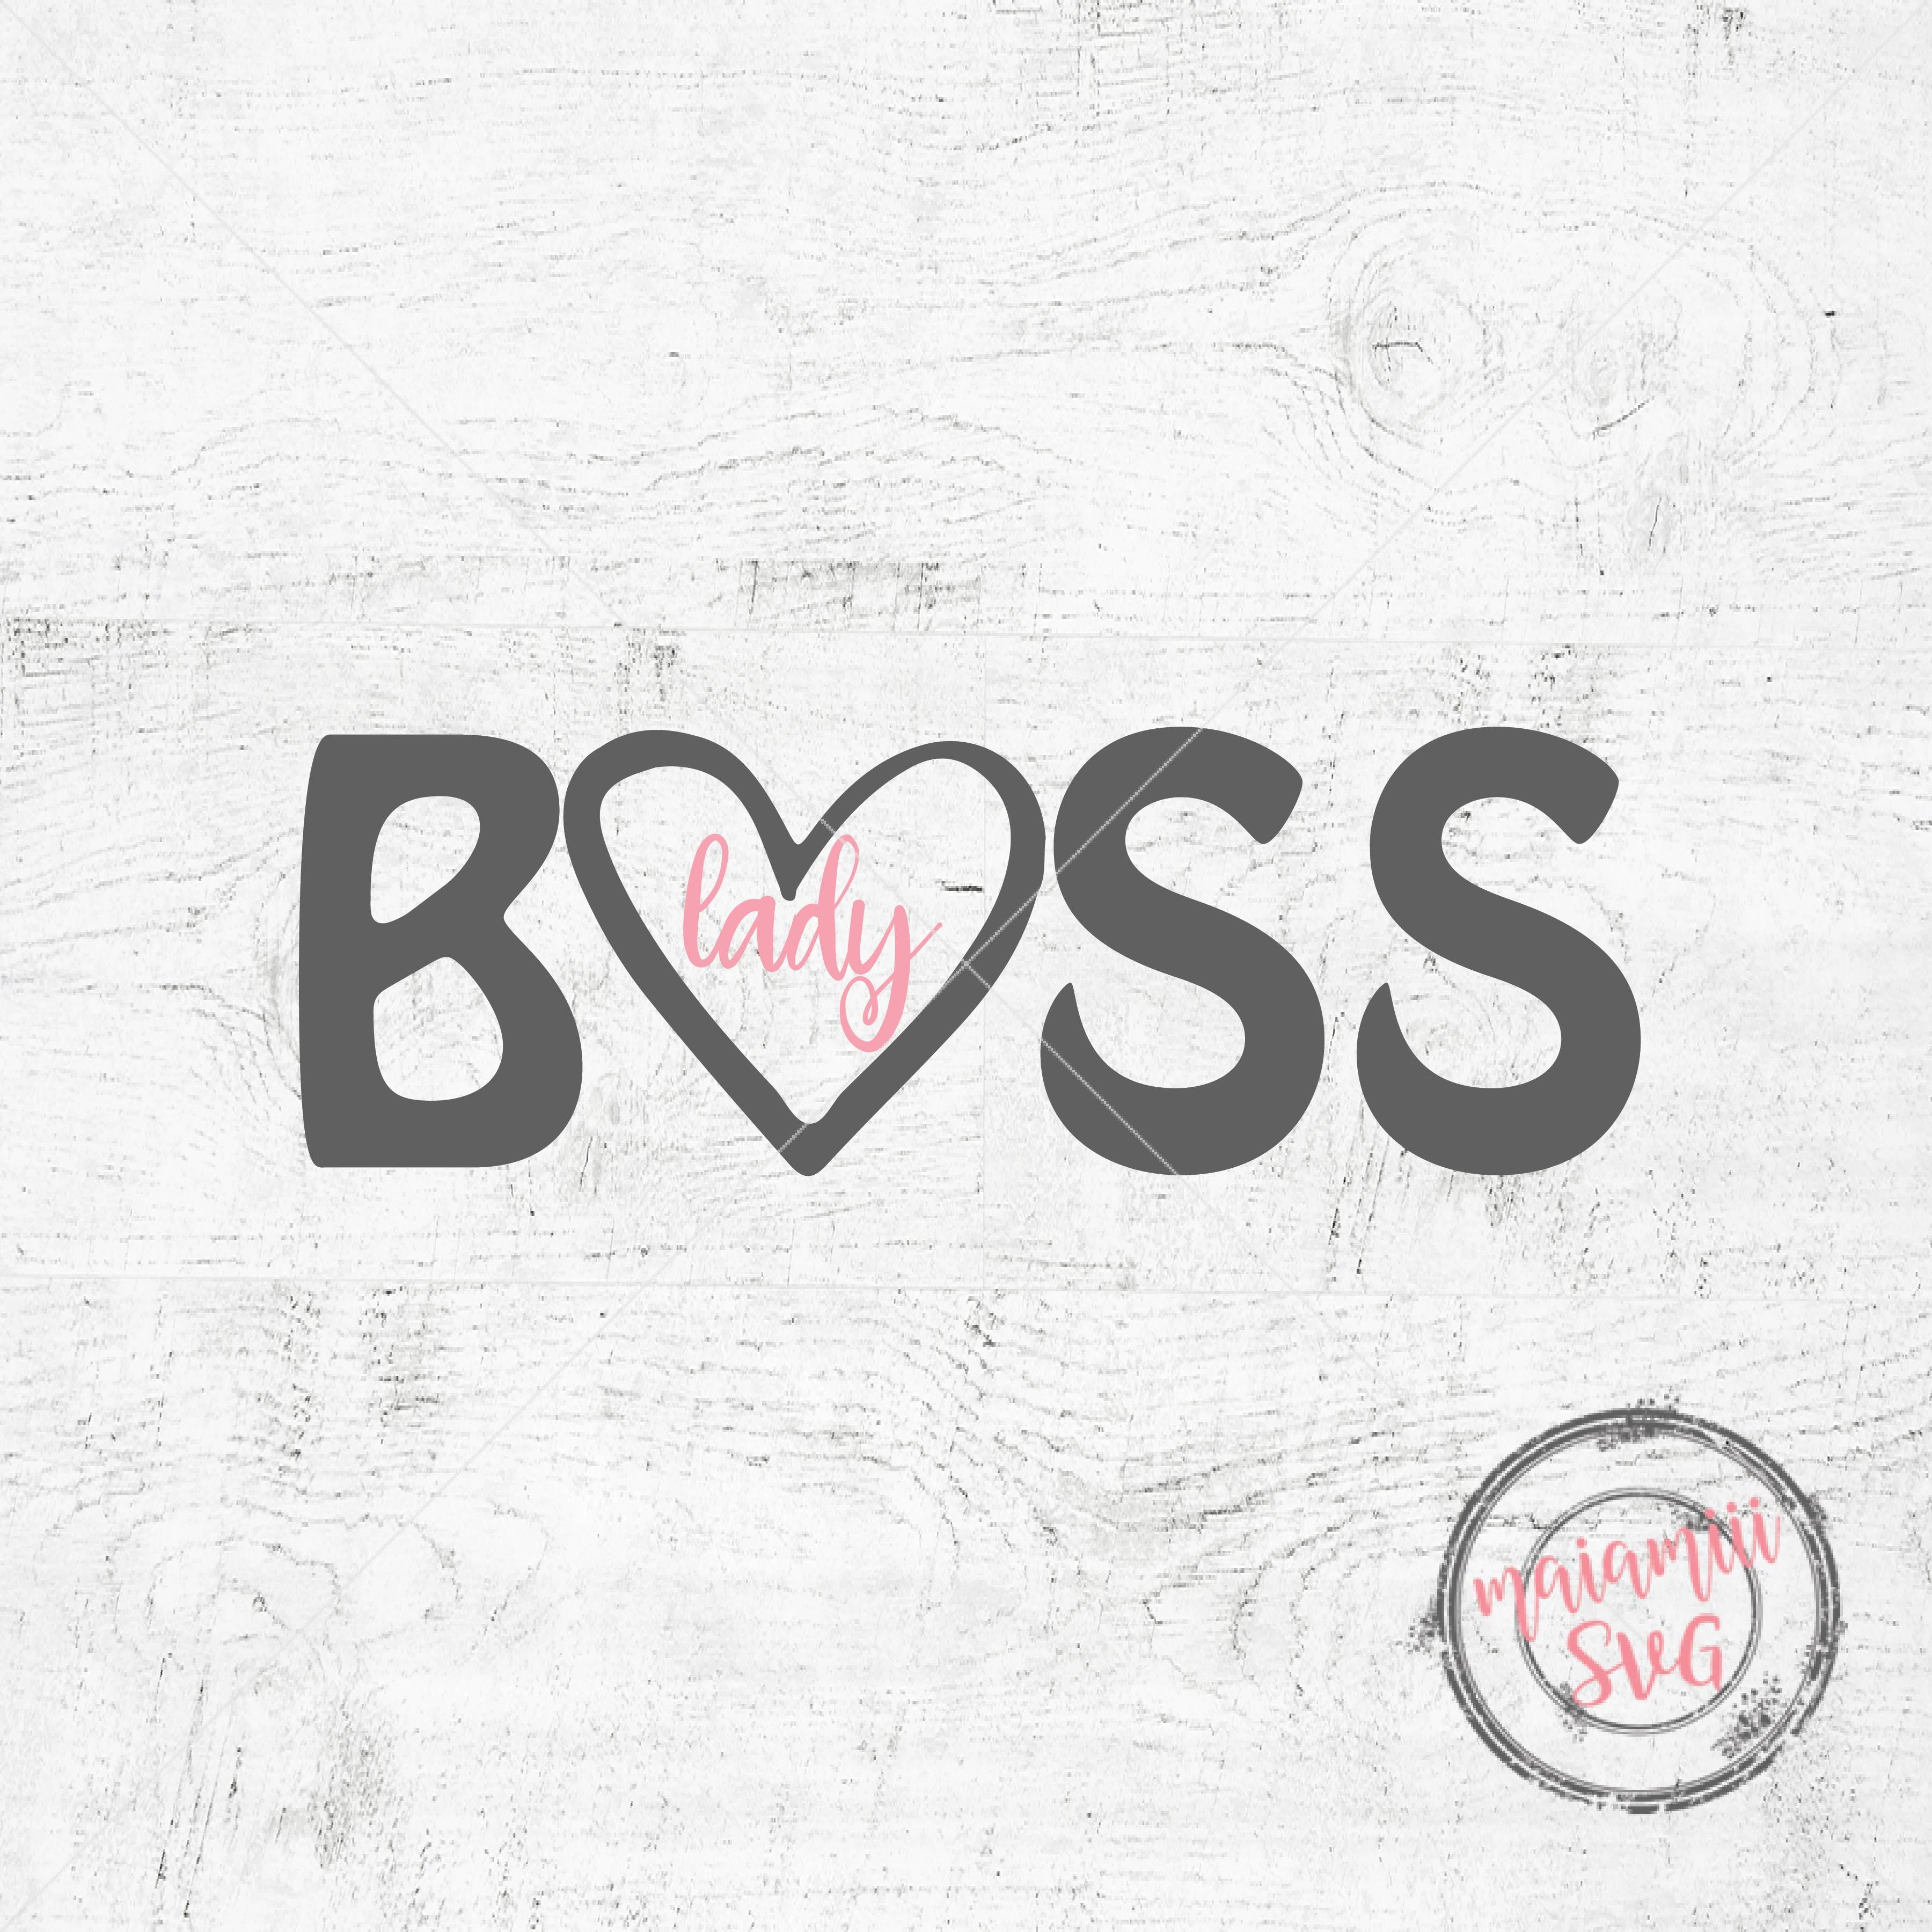 Boss Lady Svg Boss Lady Cut File Boss Svg Women Svg File Boss Lady Cutting File Lady Svg